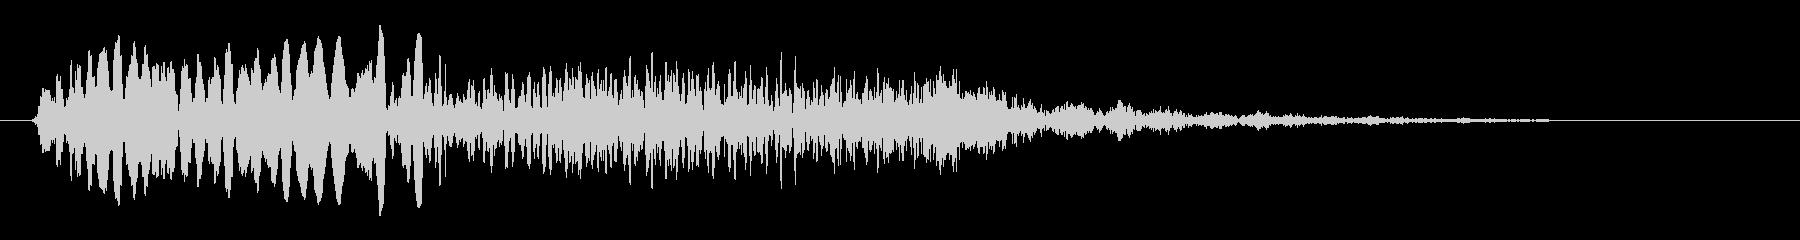 ブボーン(シンプルでかわいい決定音)の未再生の波形